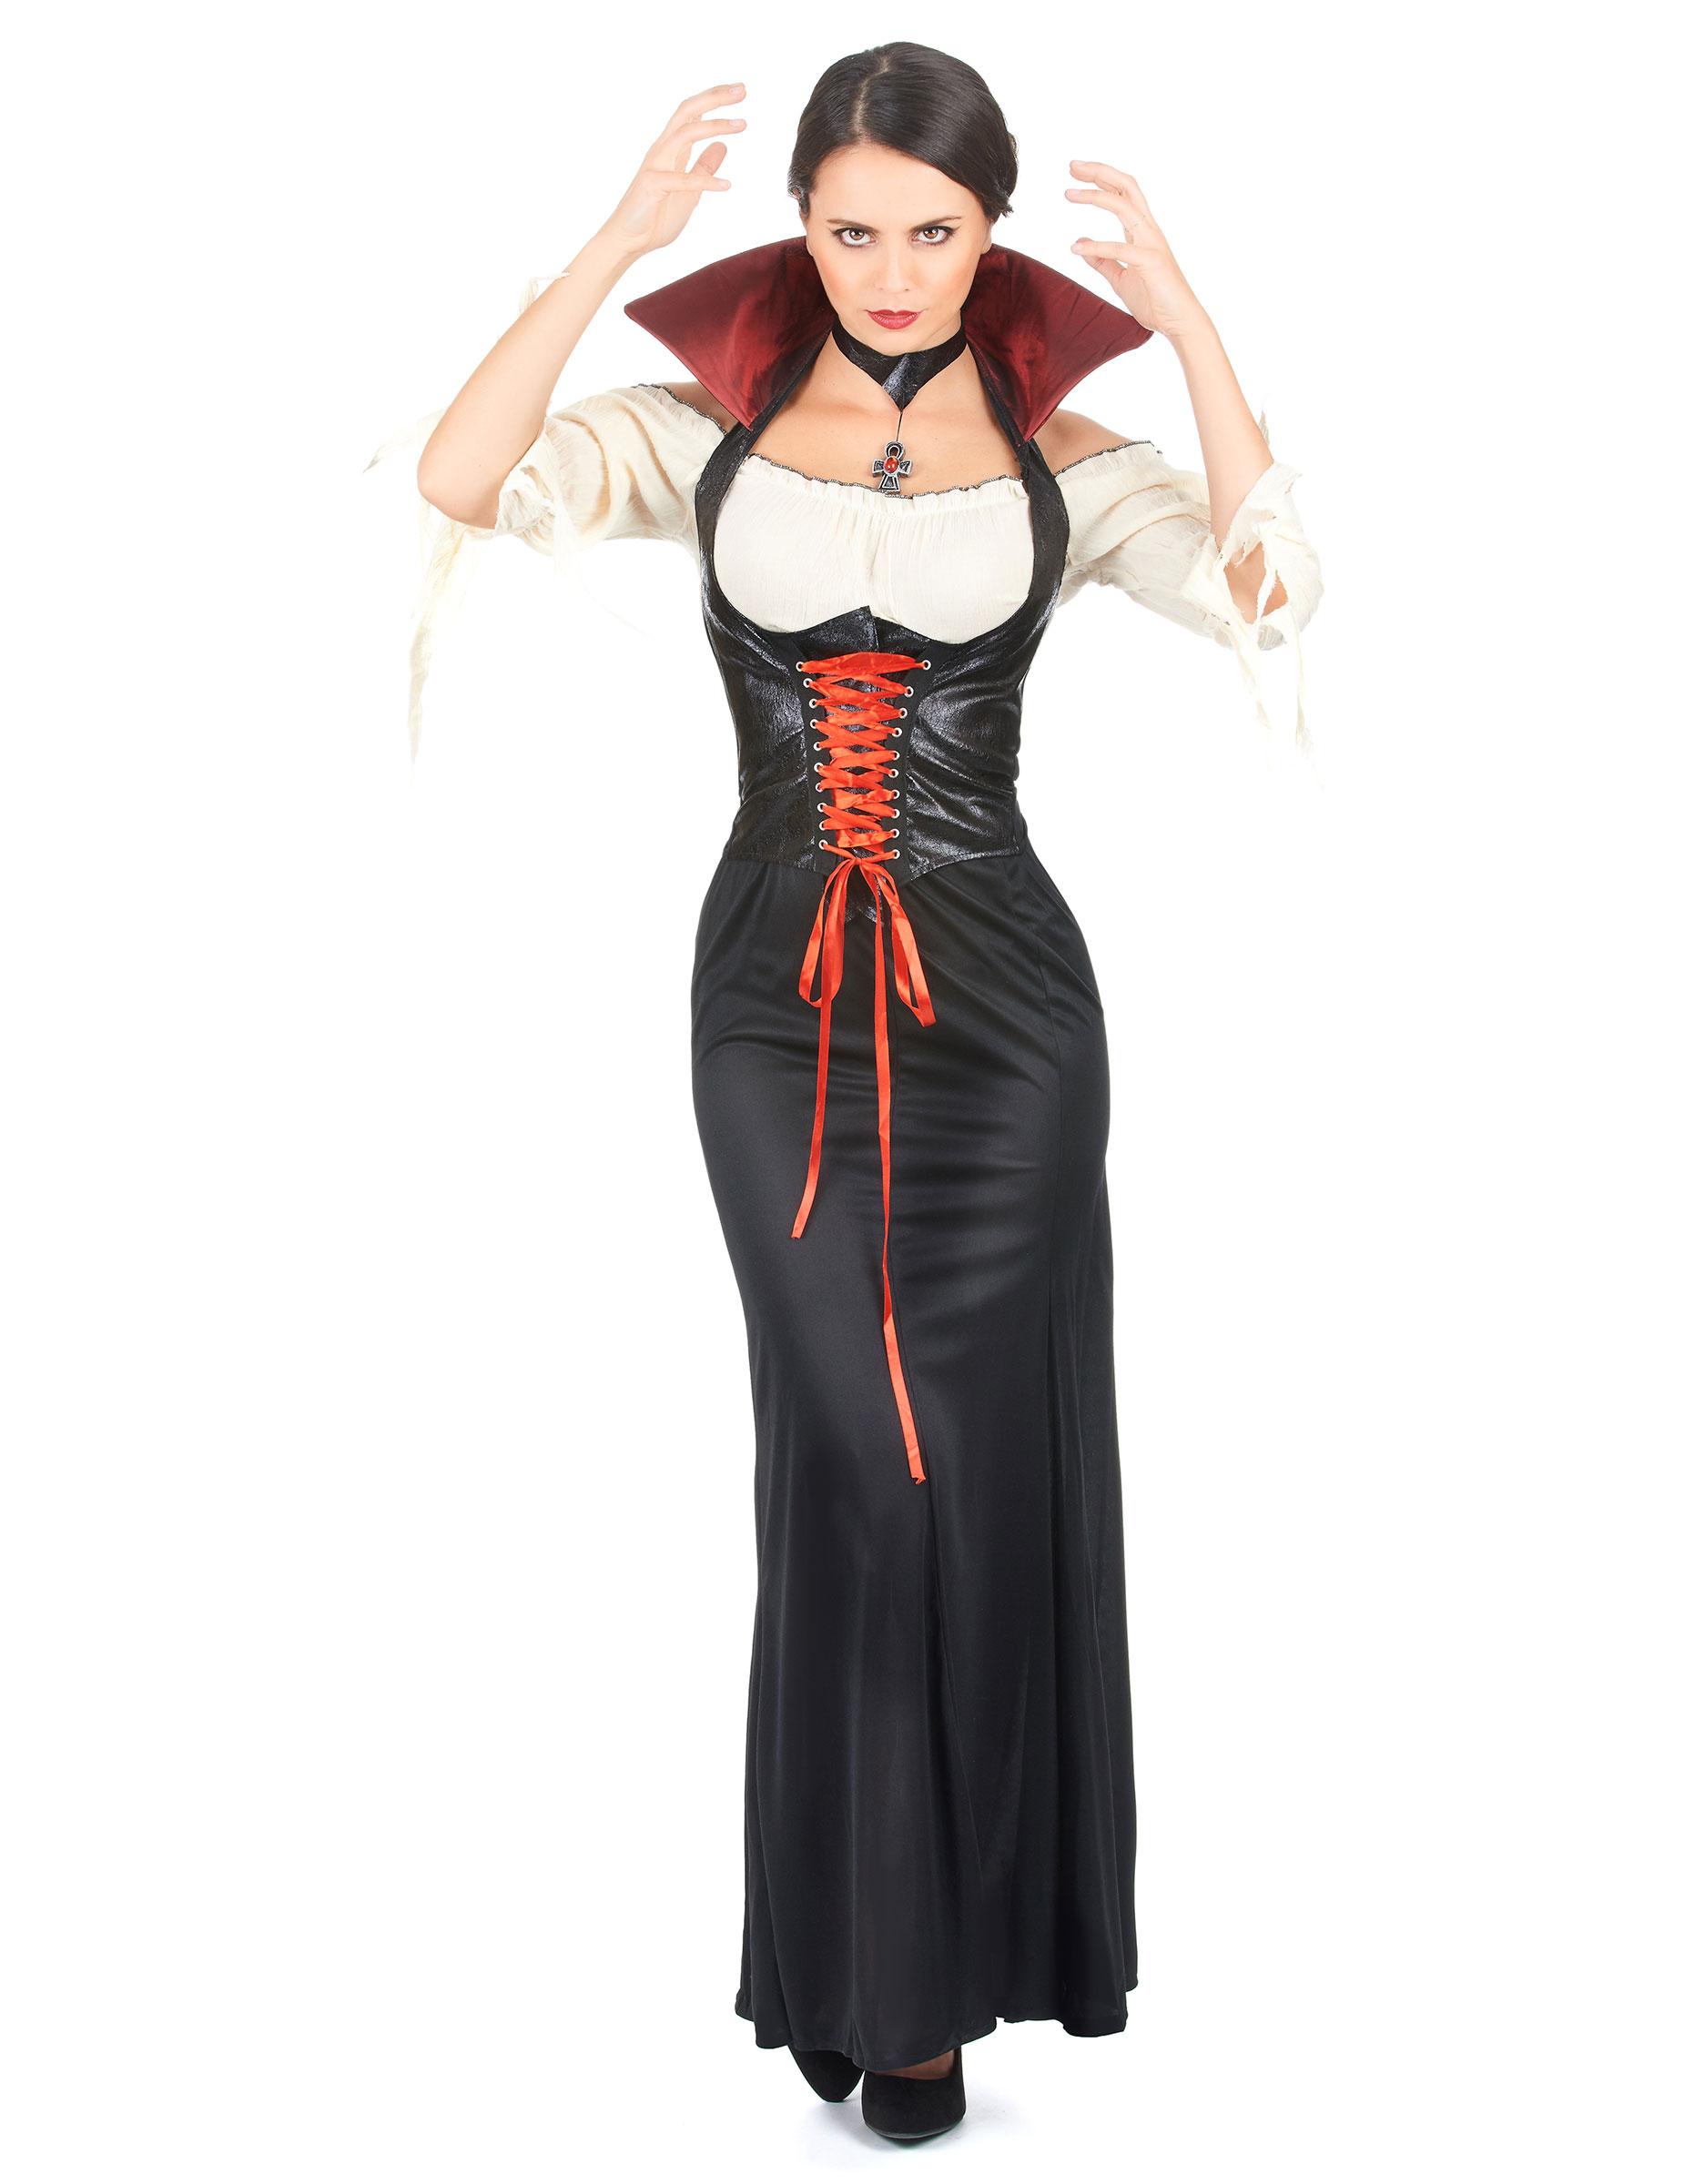 d guisement vampire effet cuir femme halloween deguise. Black Bedroom Furniture Sets. Home Design Ideas